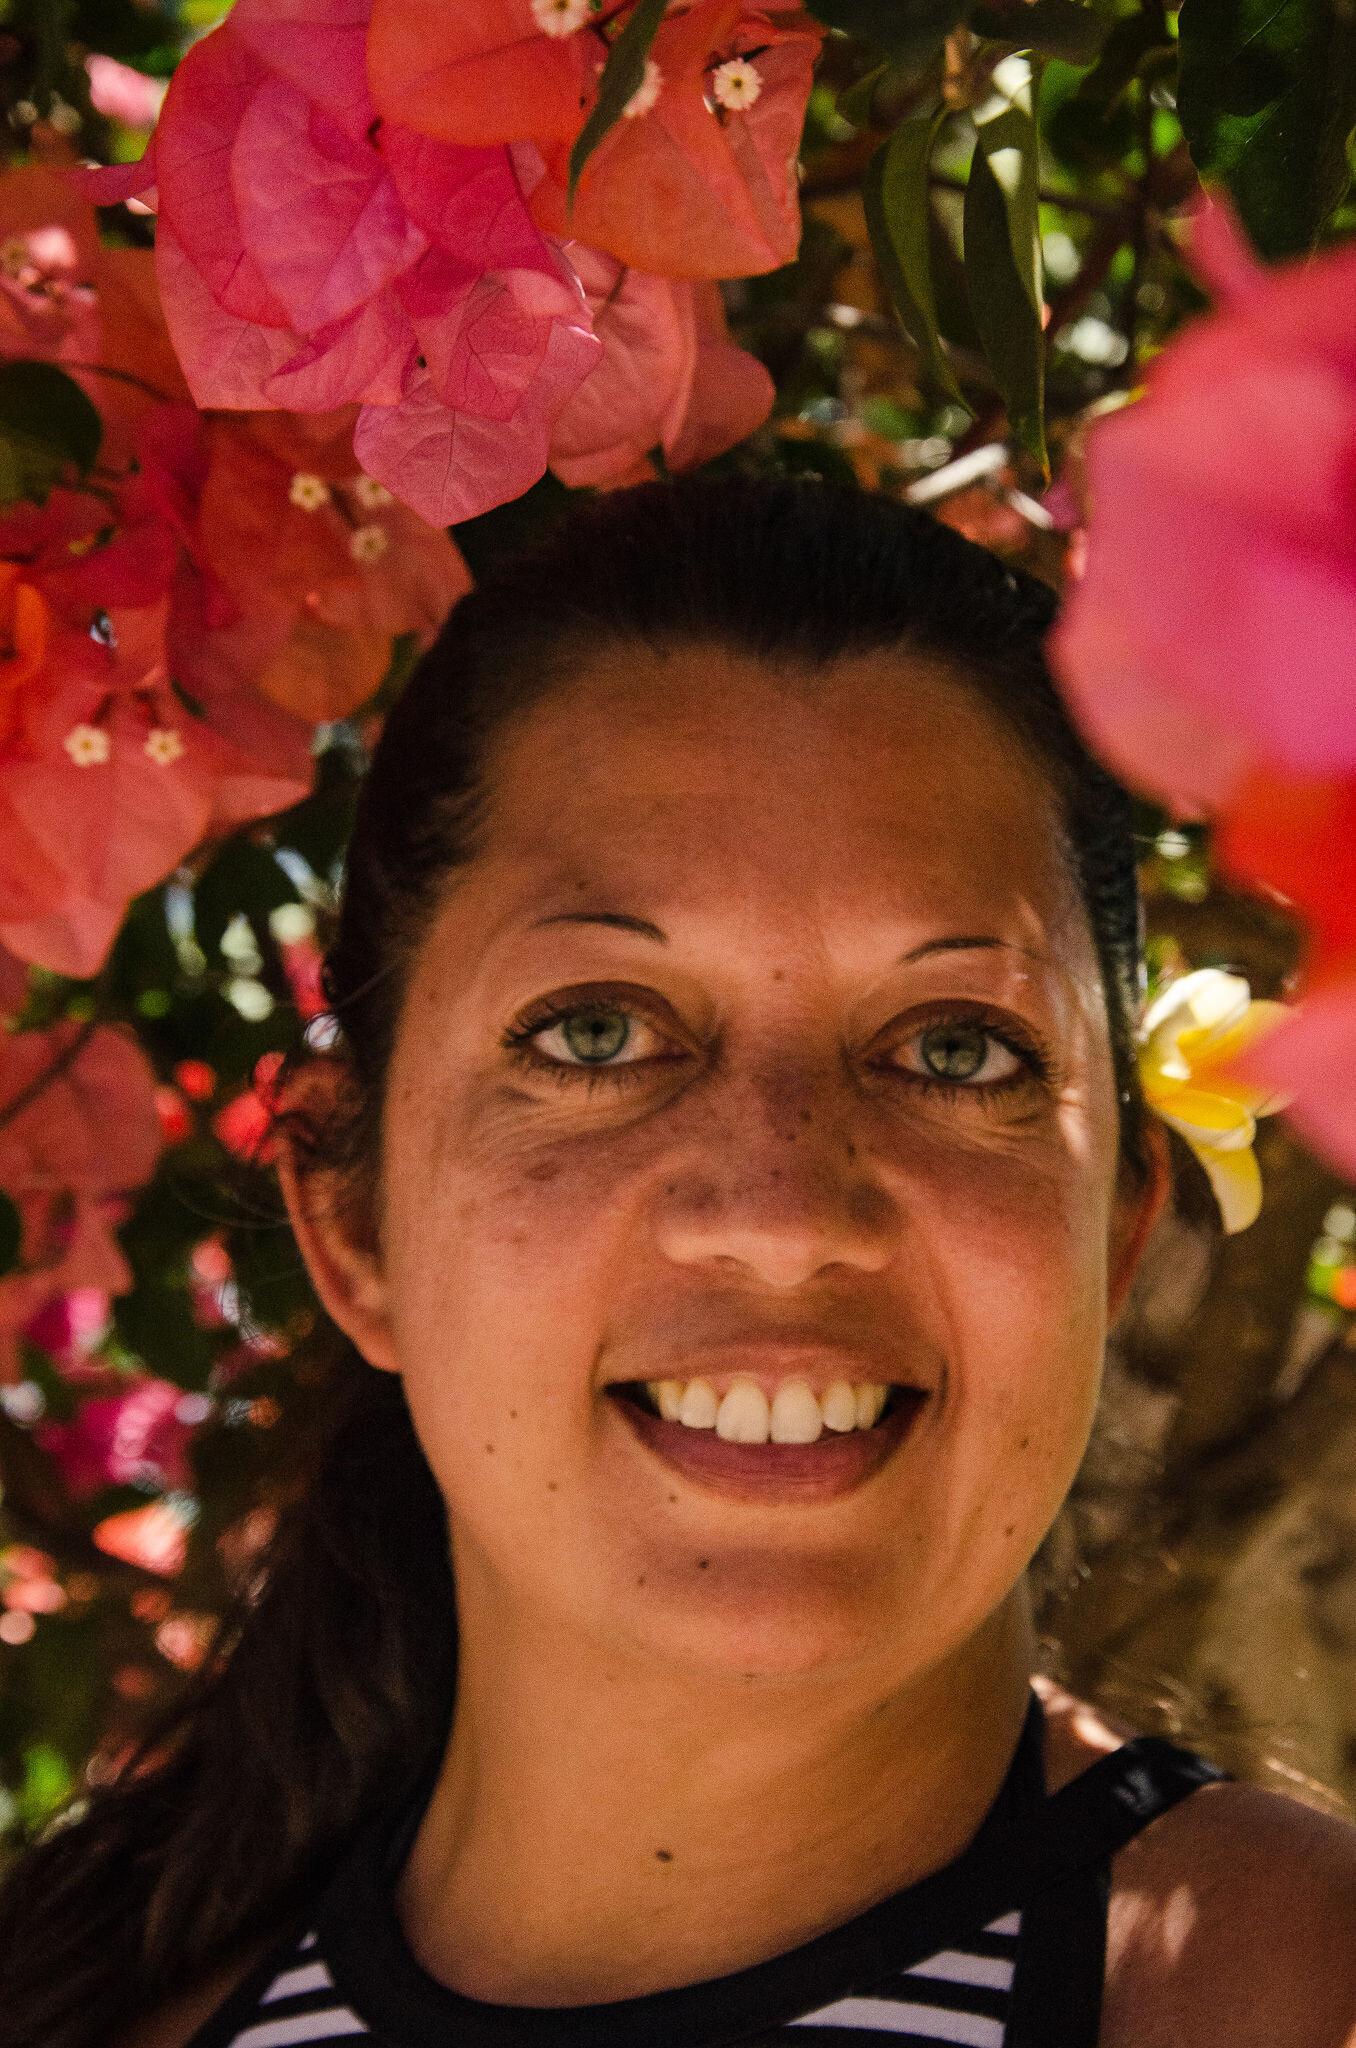 Cindy B. - January 2019 Dominican Republic WanderFULL Retreat and the October 2019 Bali WanderFULL Retreat